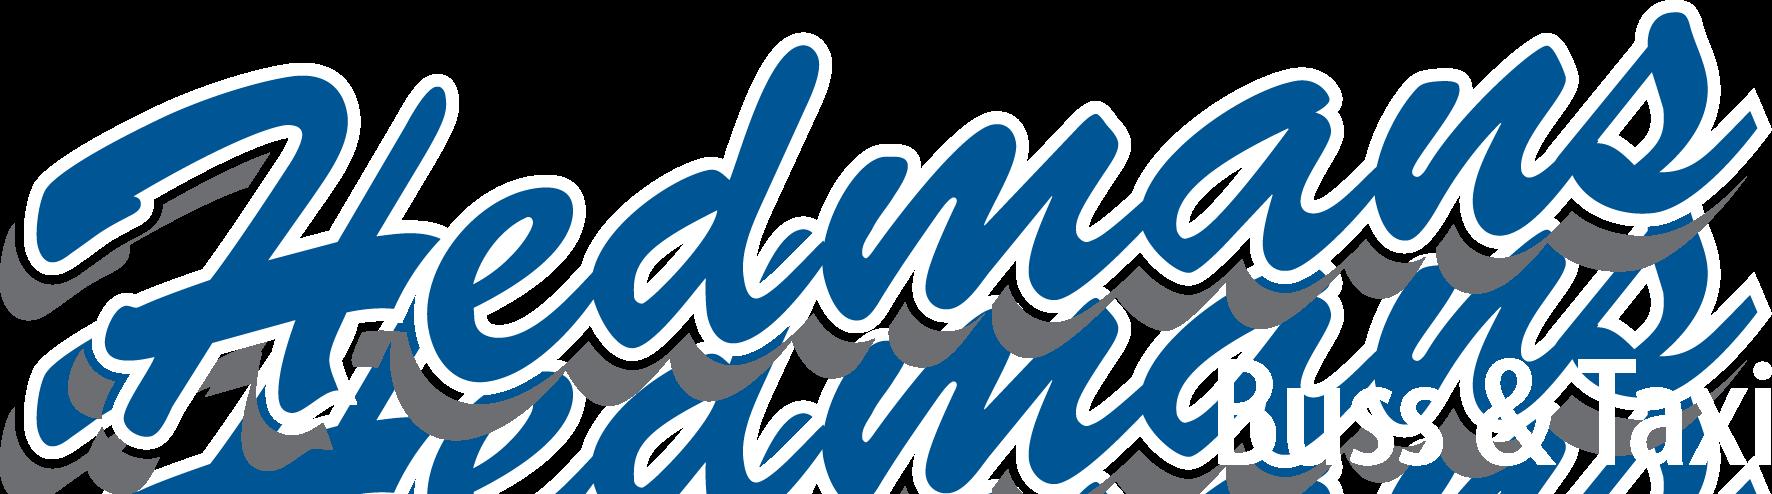 Hedmans-logo_3-f_VIT_B&T